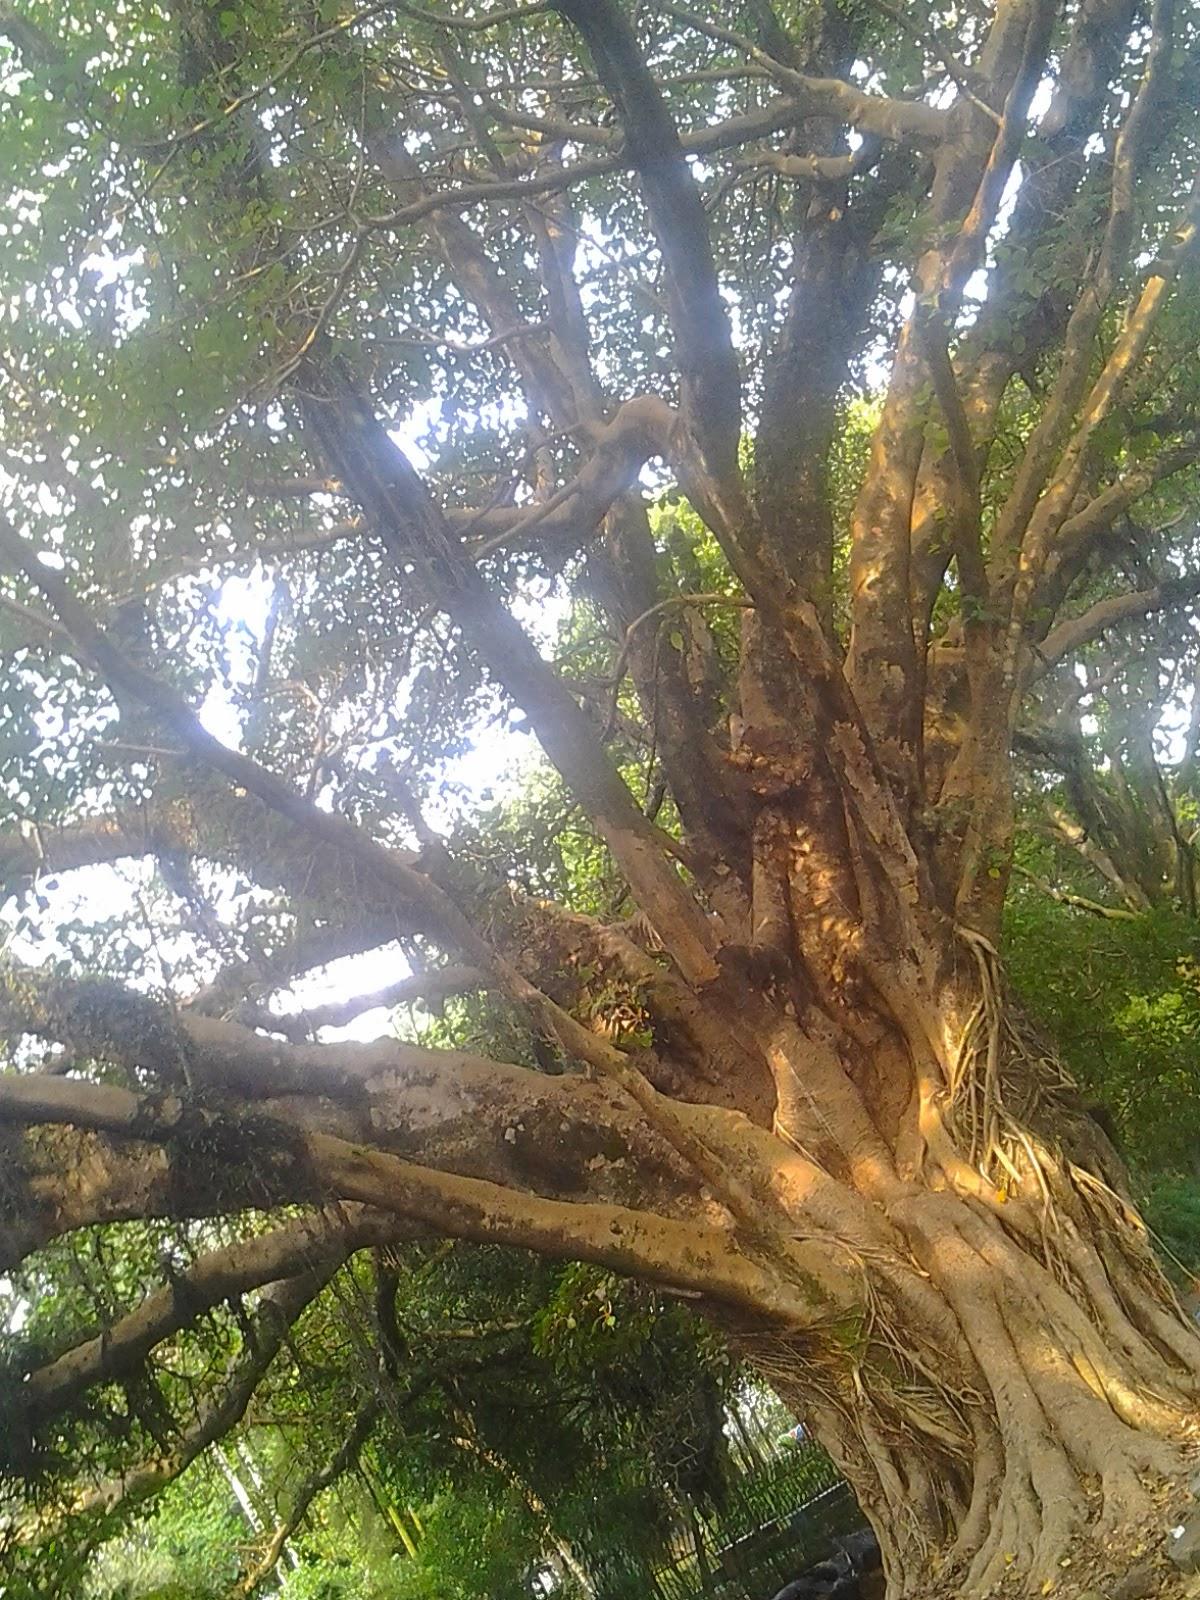 Foto tirada no Parque da Luz